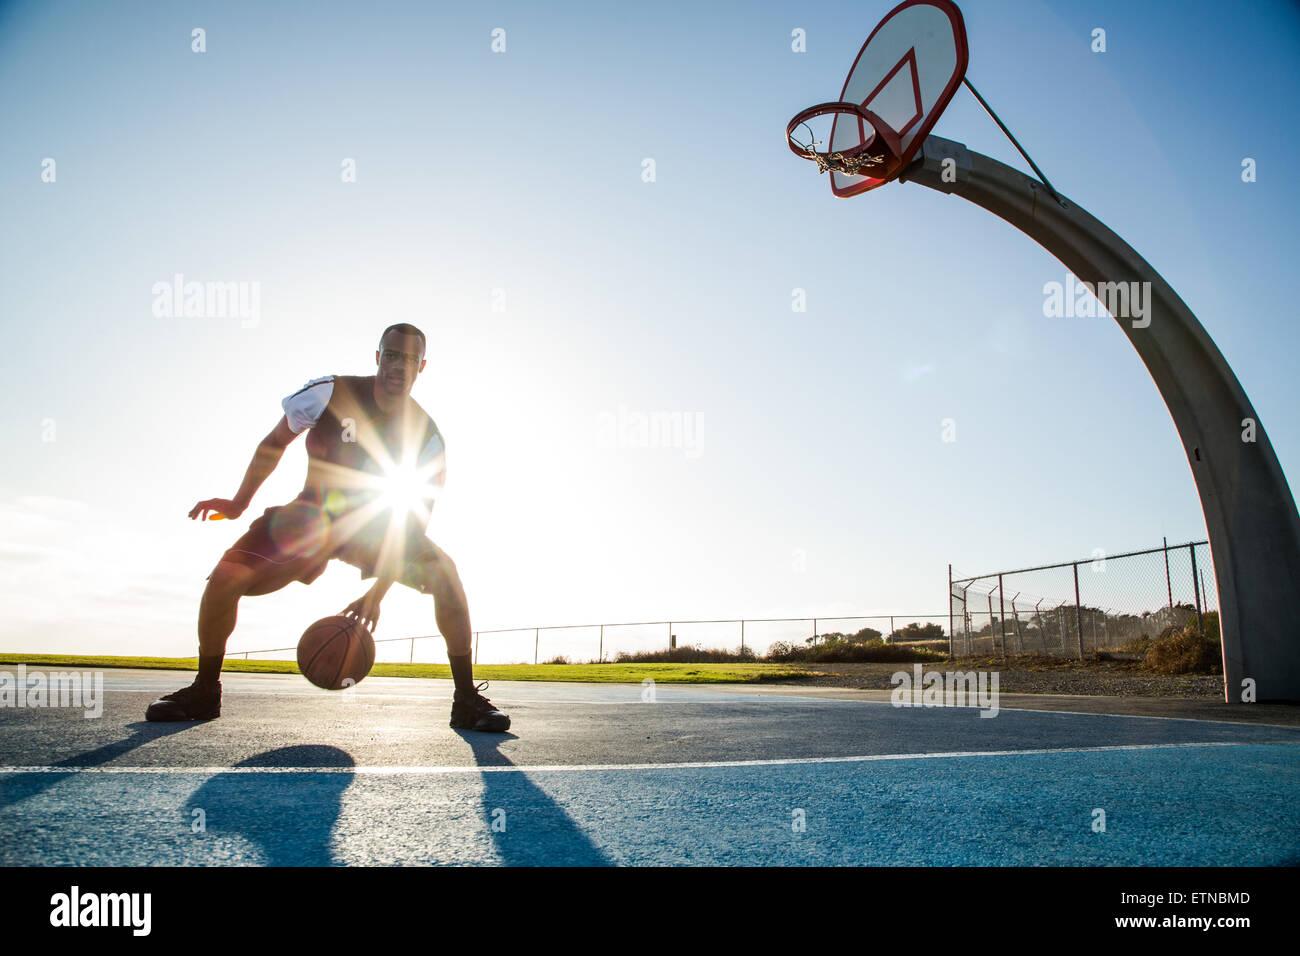 Giovane uomo giocando a basket in un parco di Los Angeles, California, Stati Uniti d'America Immagini Stock